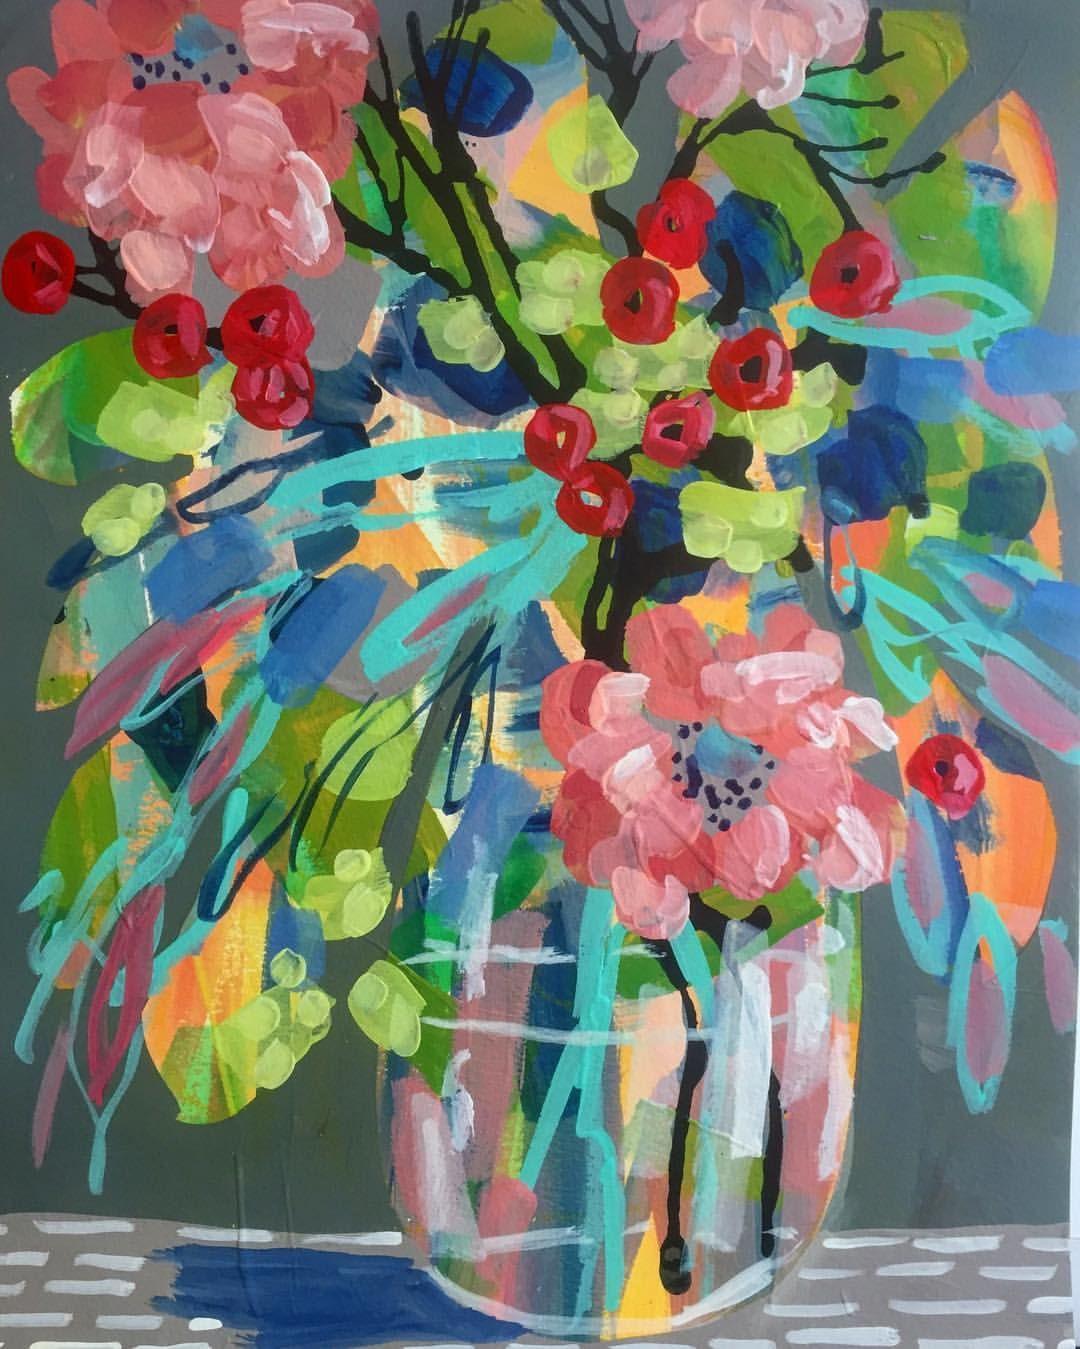 Pin By Bonnie Miller On Art In 2019 Flower Art Art Watercolor